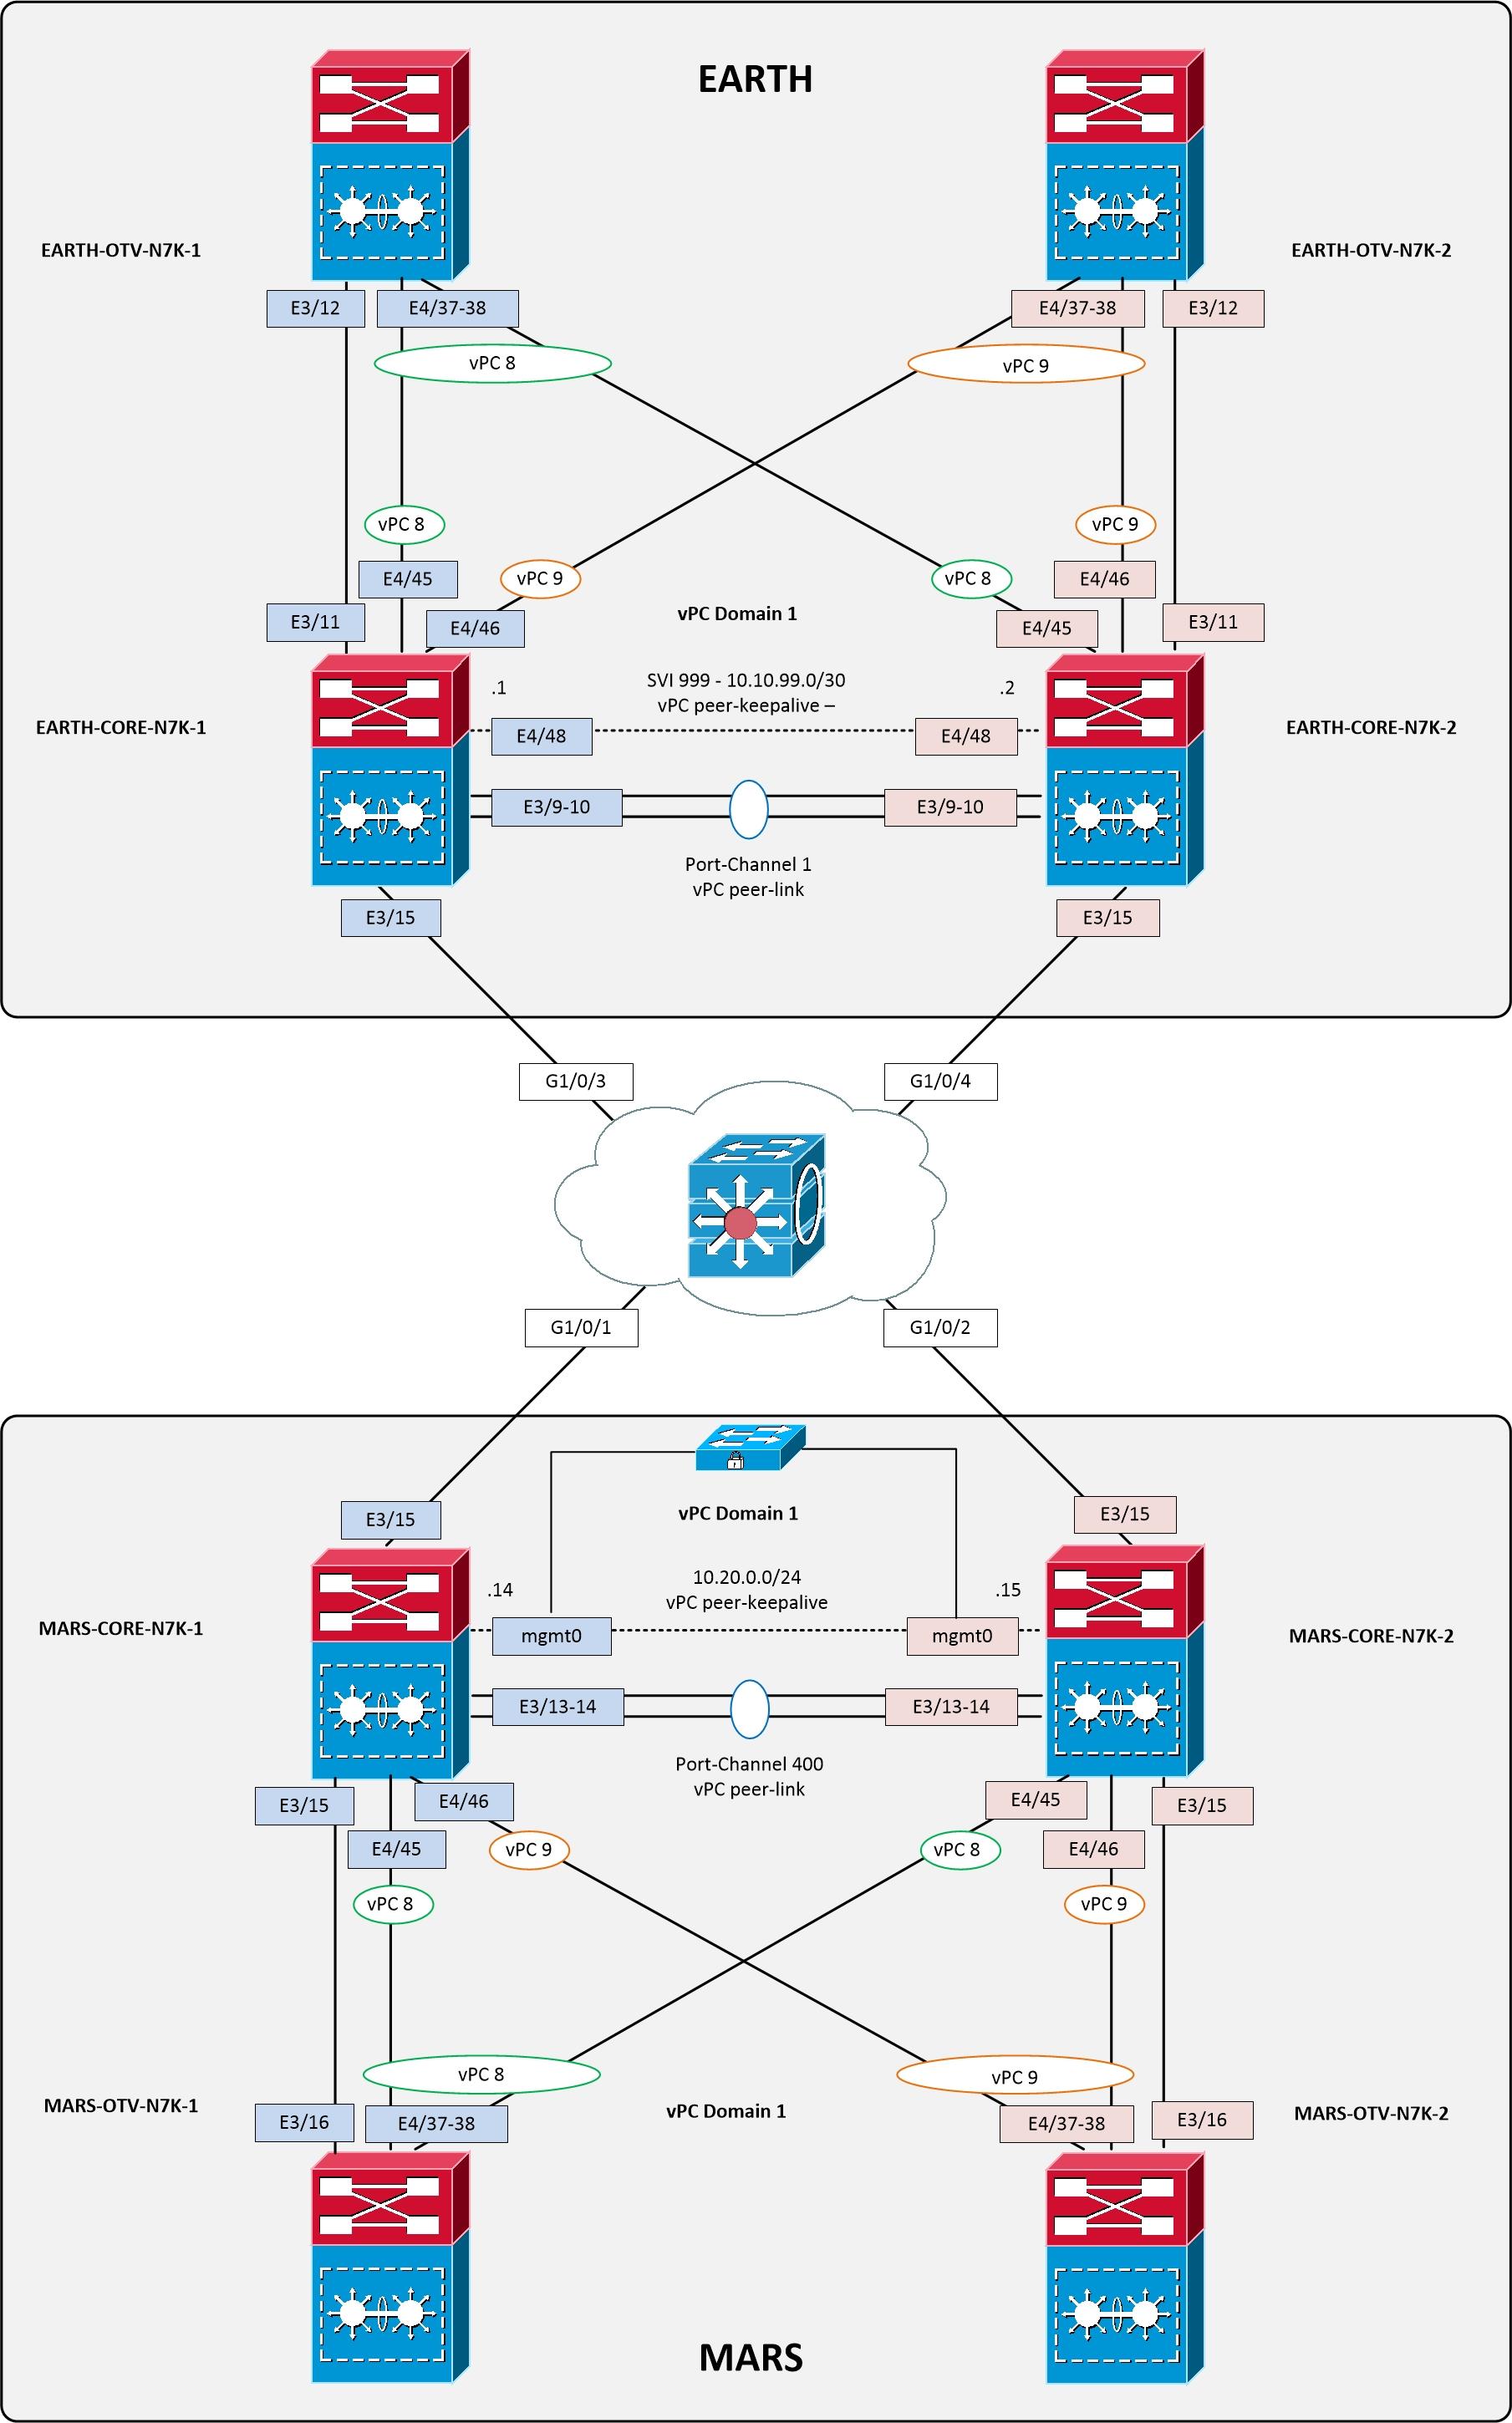 Configuring Nexus vPC - Part 1 - Overlaid